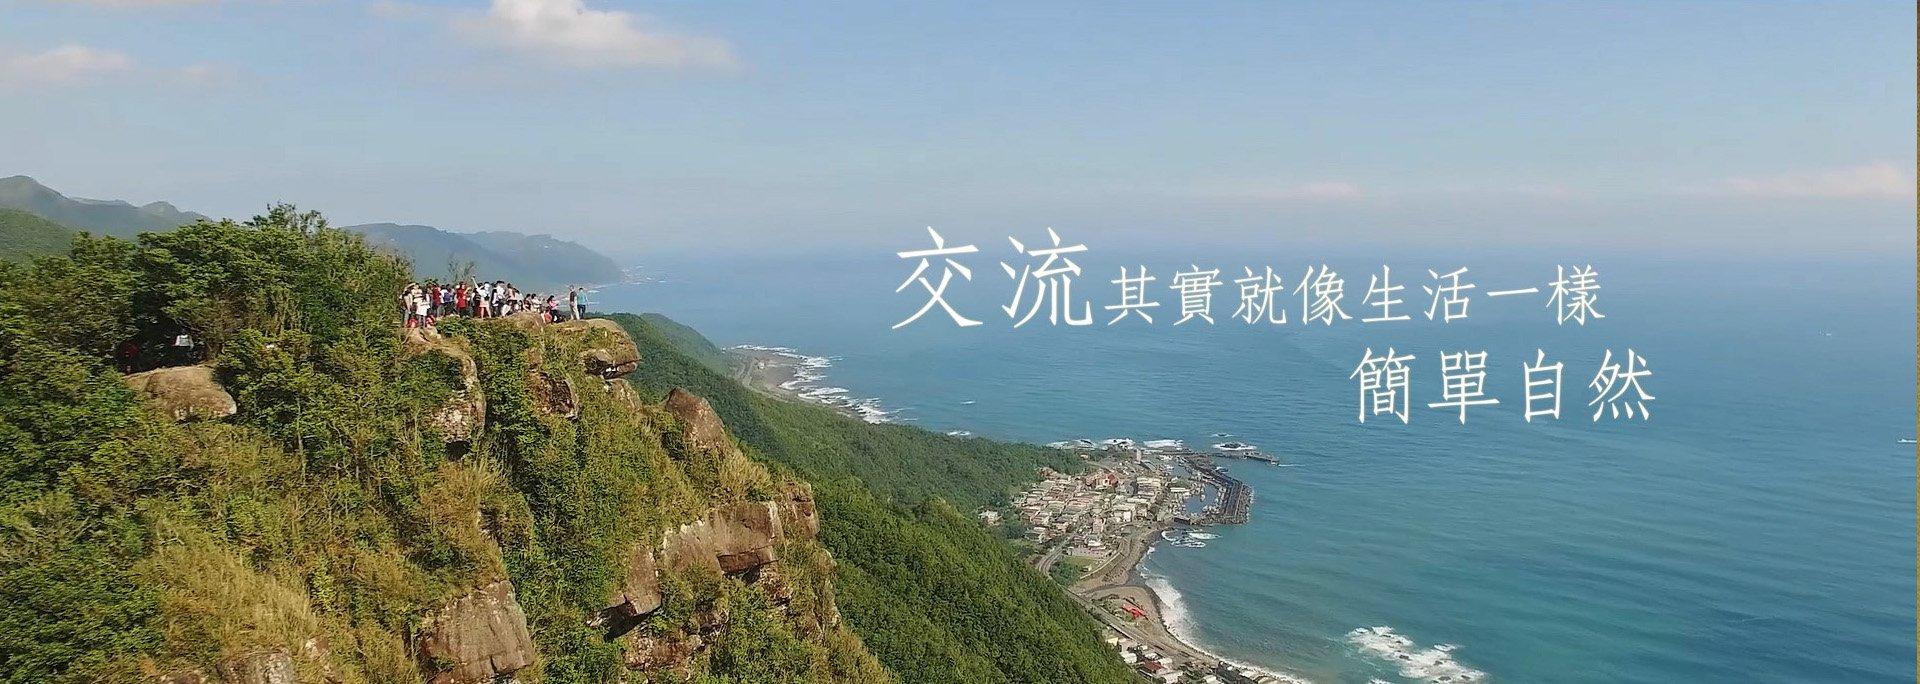 [开启新视窗]陆委会两岸青年学生交流 长版 中文字幕